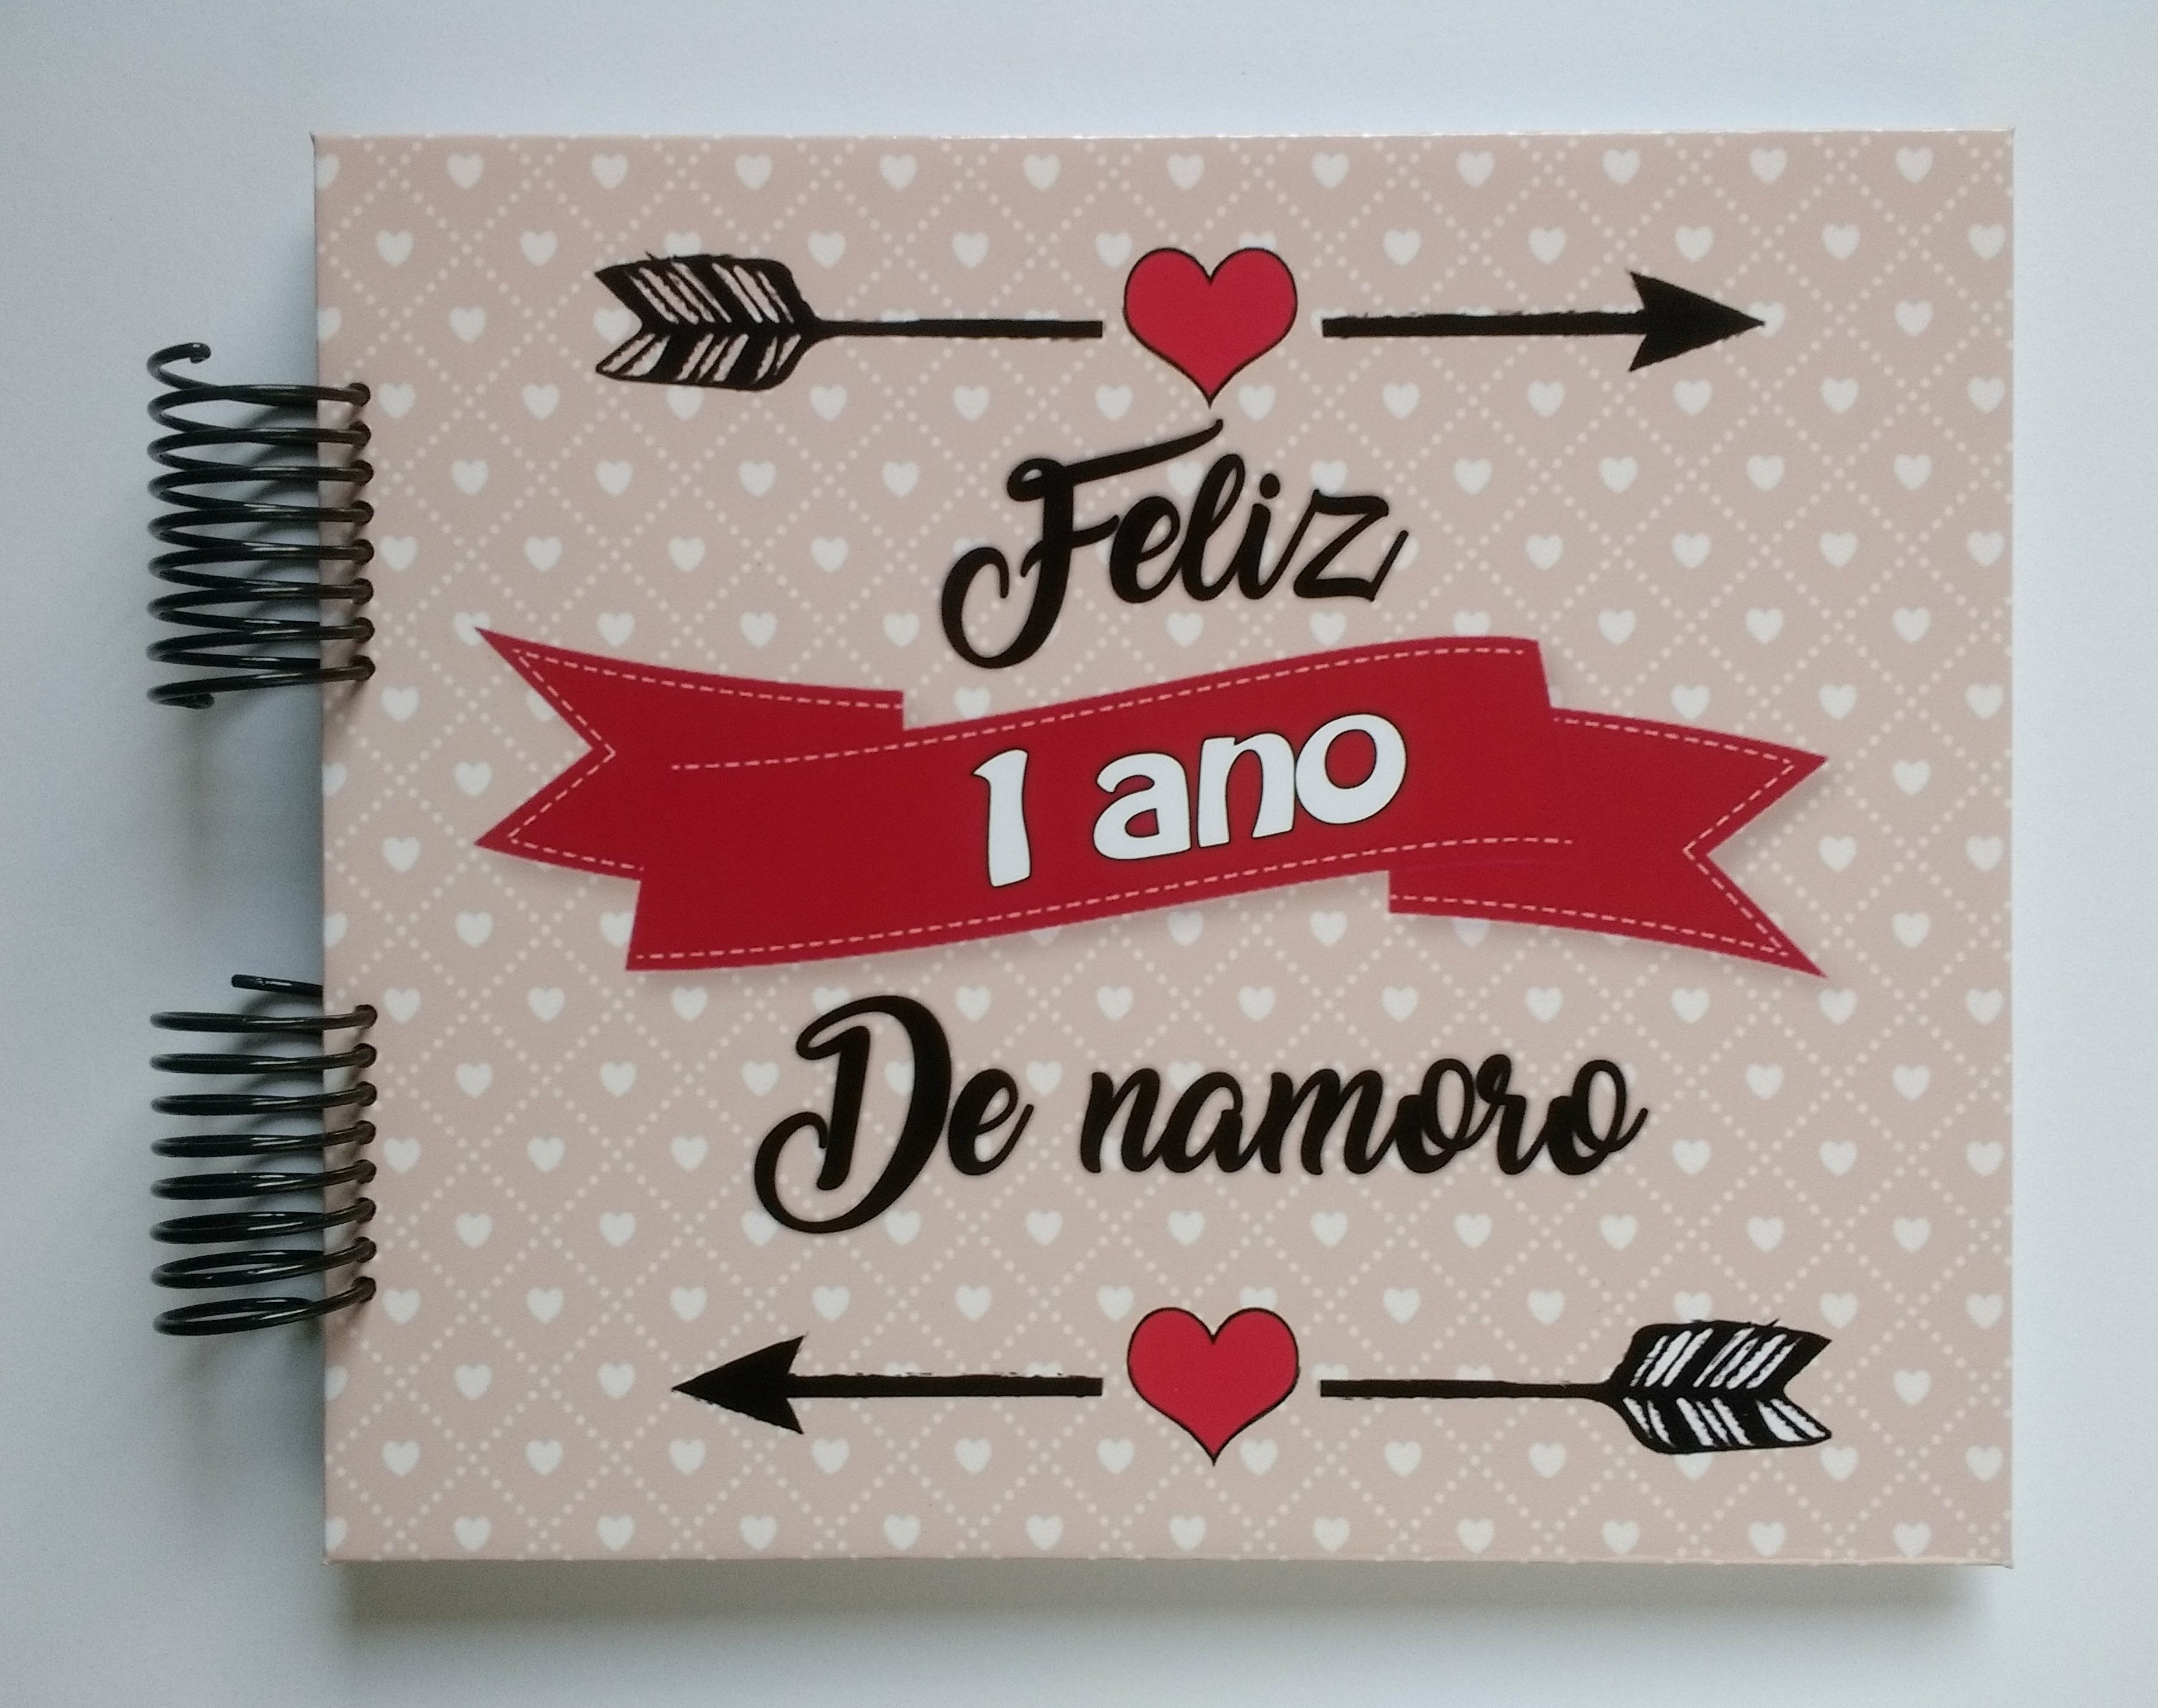 álbum Scrapbook Aniversário De Namoro 1 Ano 2 Anos Etc 2 No Elo7